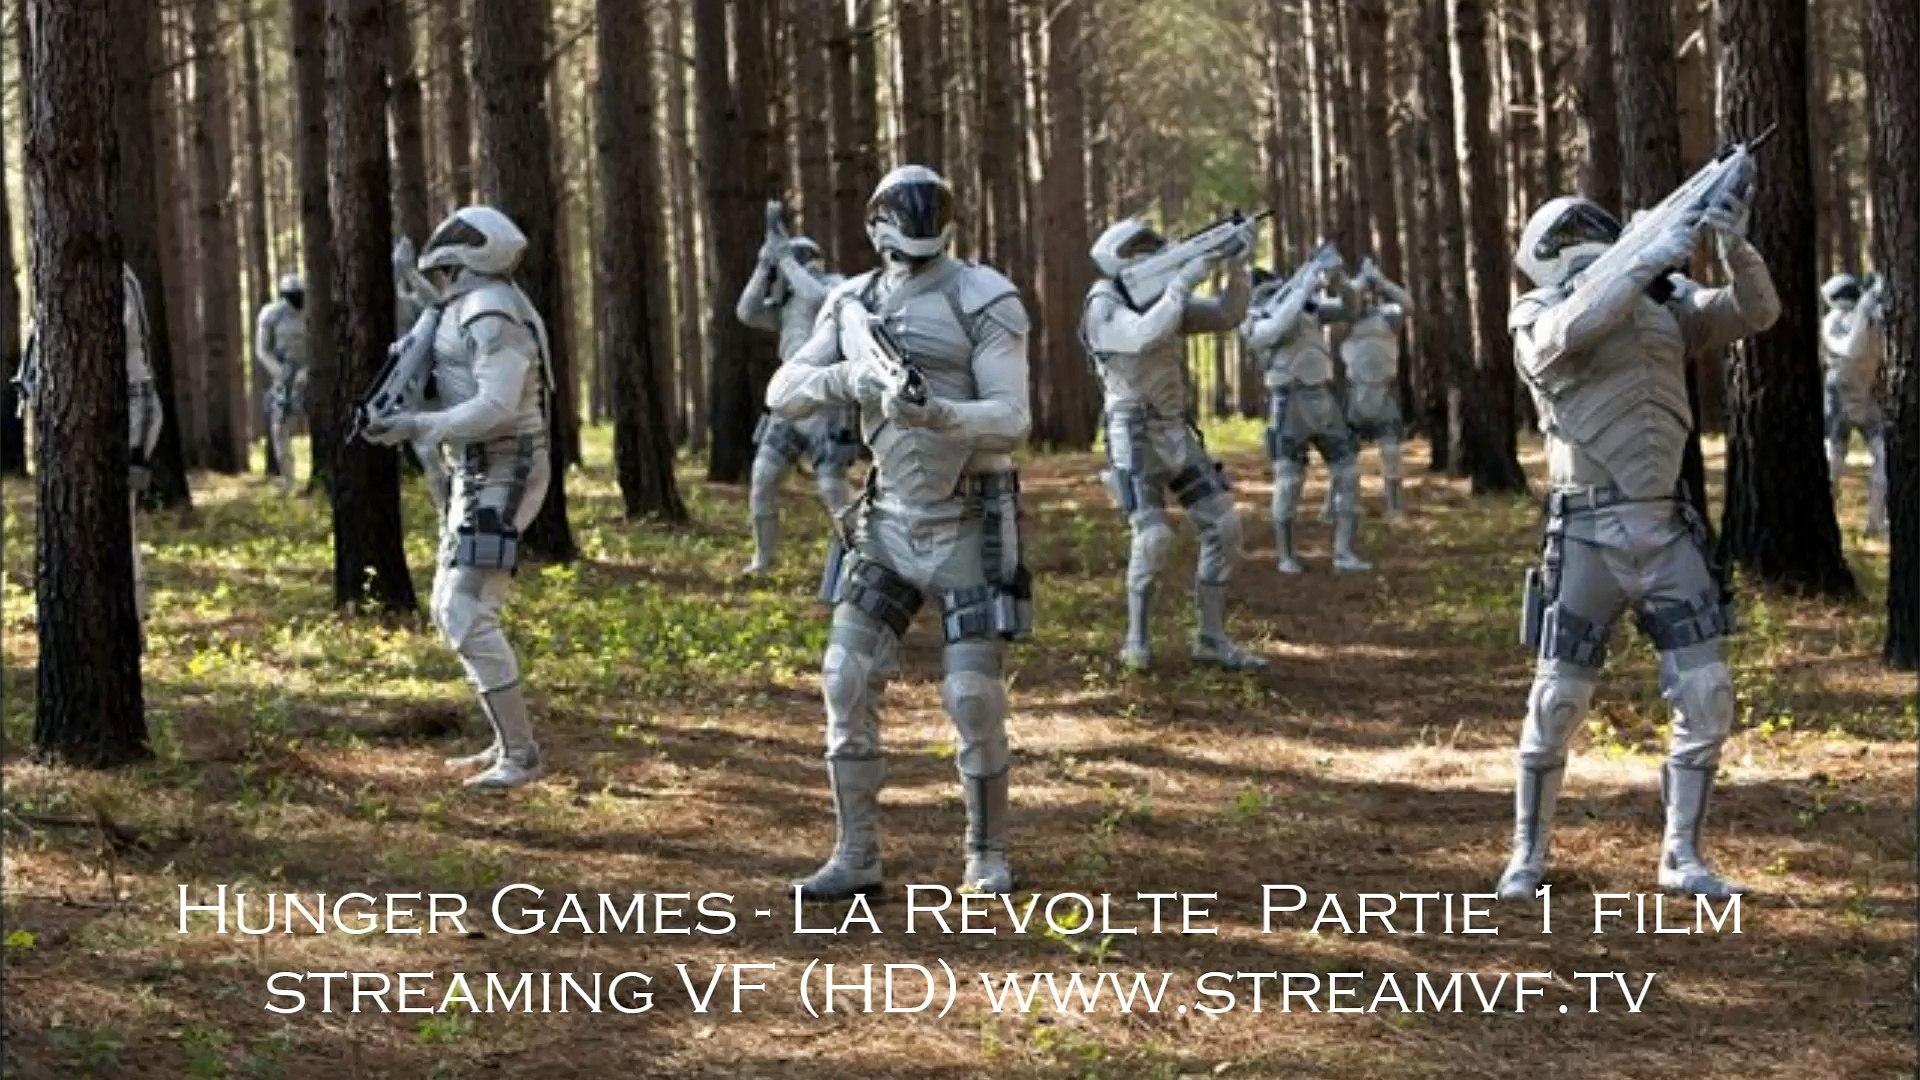 Hunger Games 3 La Révolte regarder film streaming VF en français et télécharger